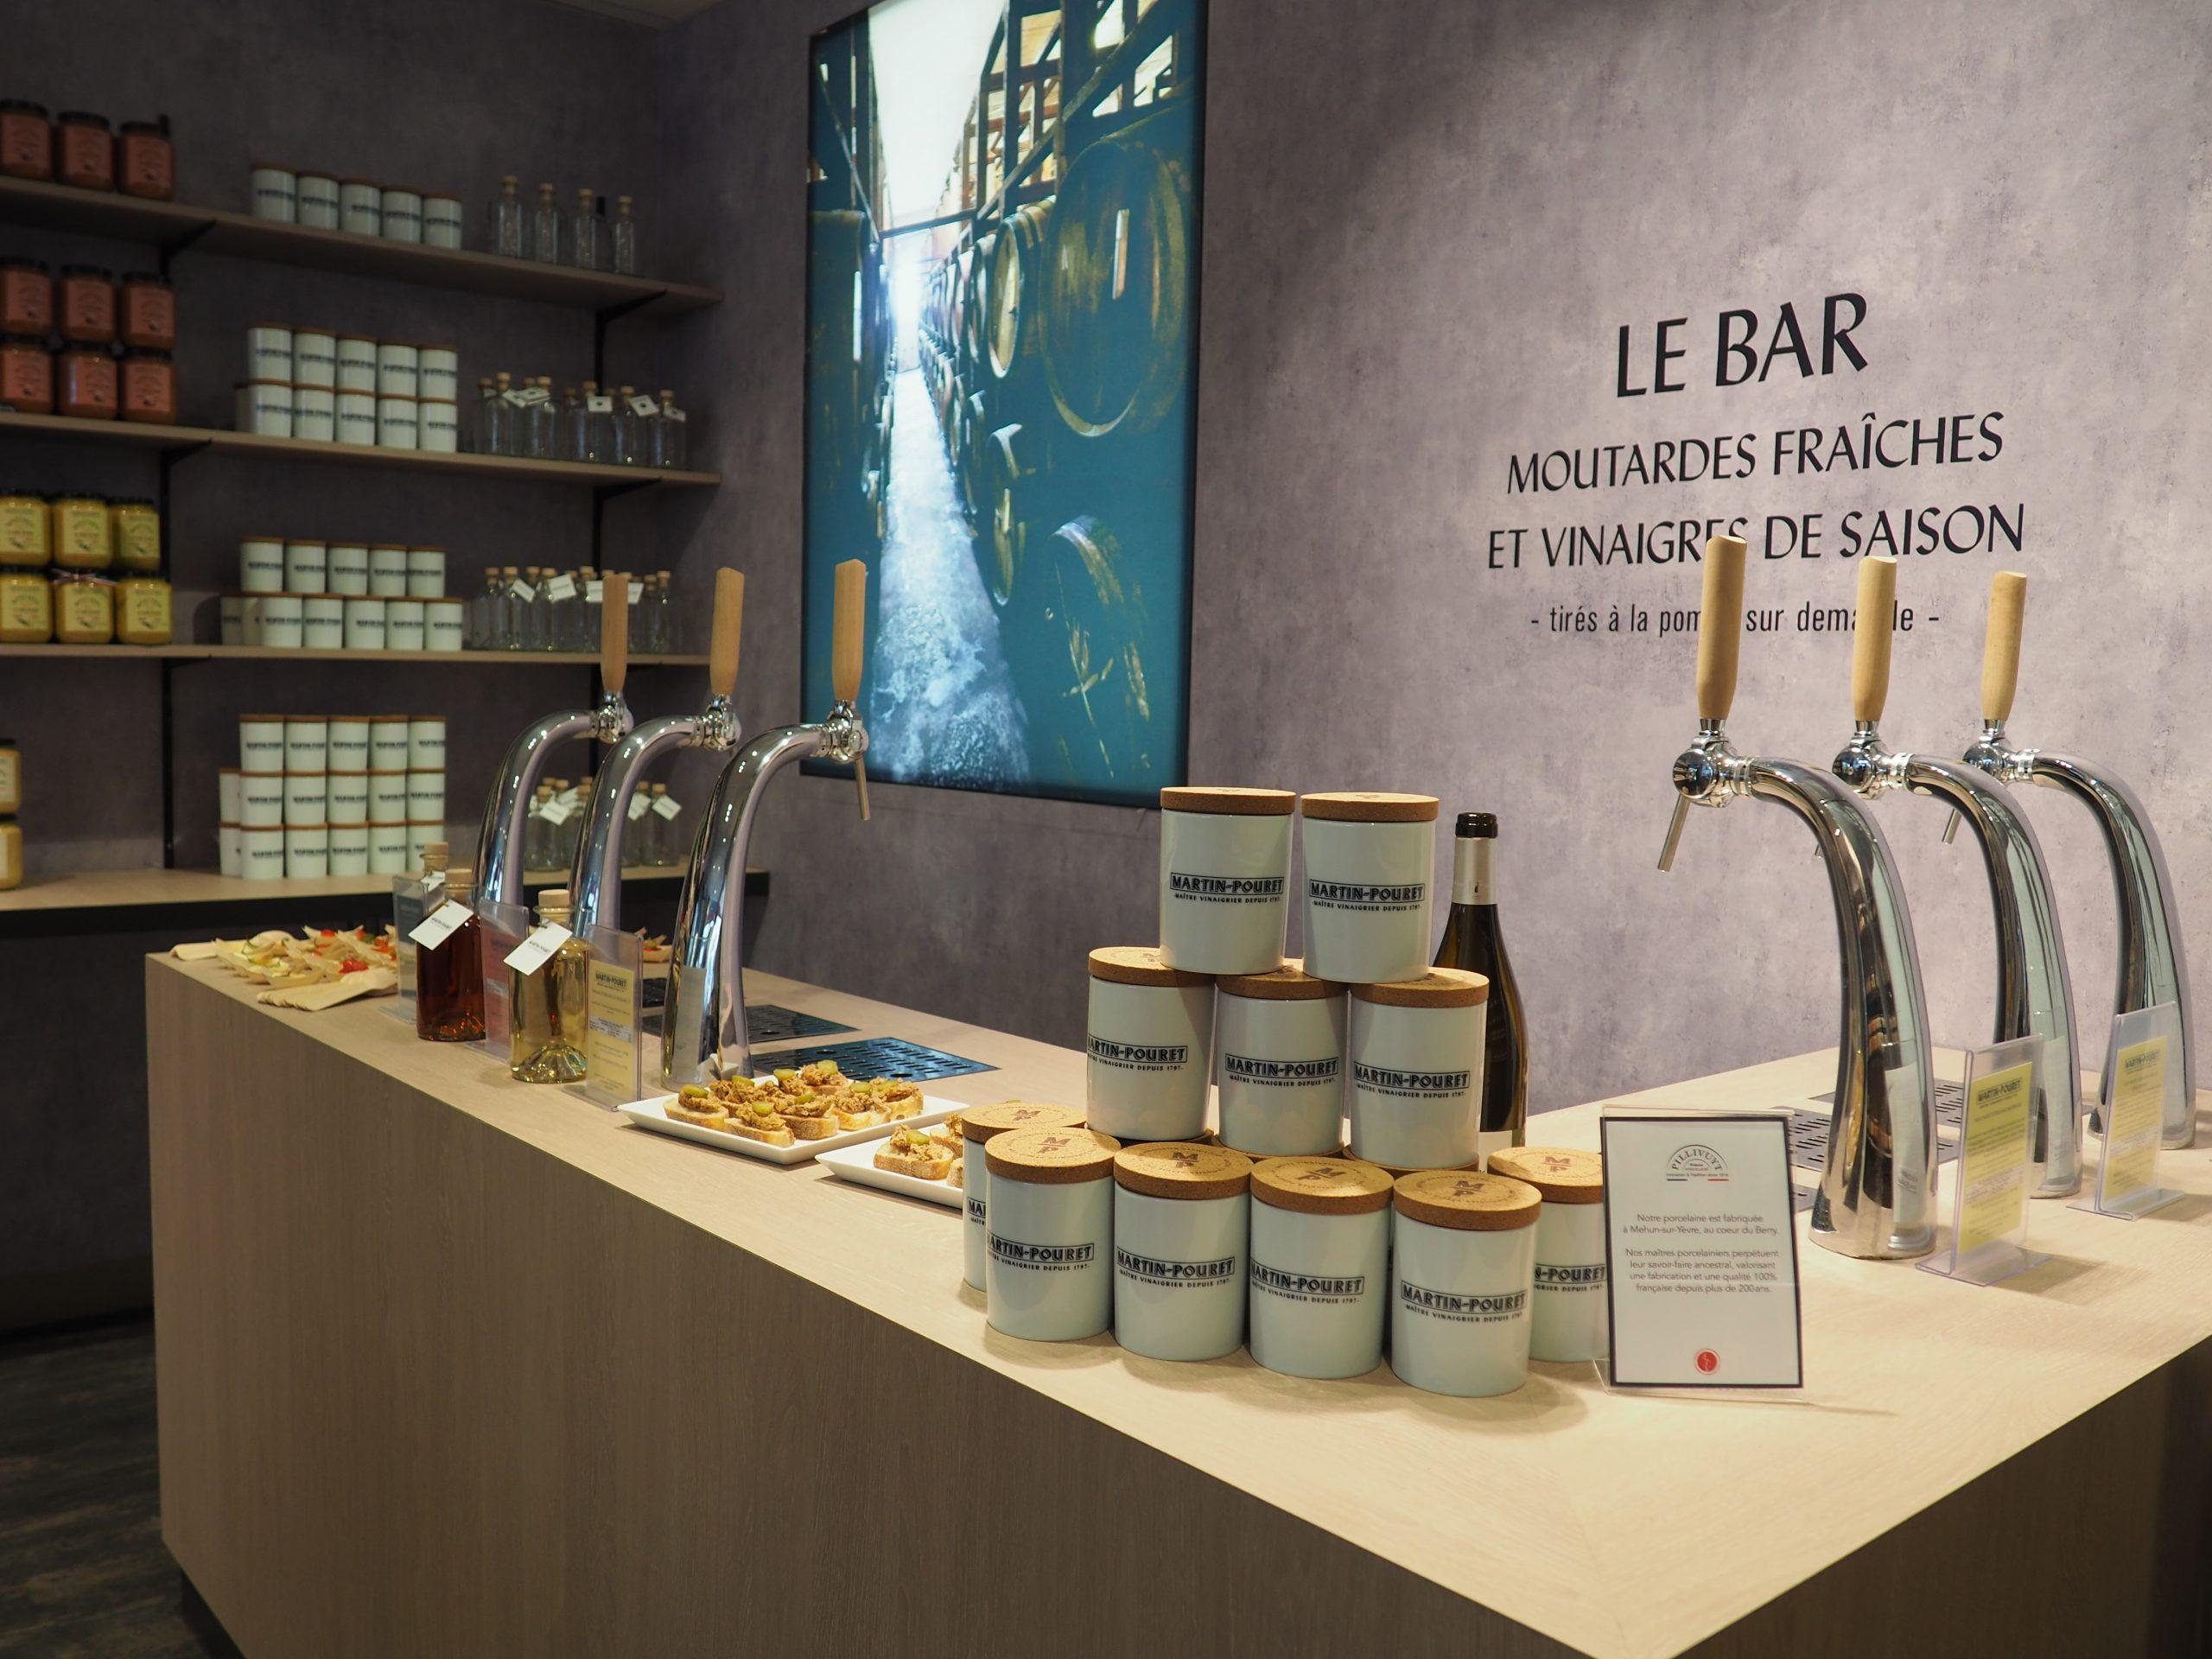 Rue Jeanne d'Arc, la boutique Martin Pouret inaugure son nouveau bar à moutardes et vinaigres 2